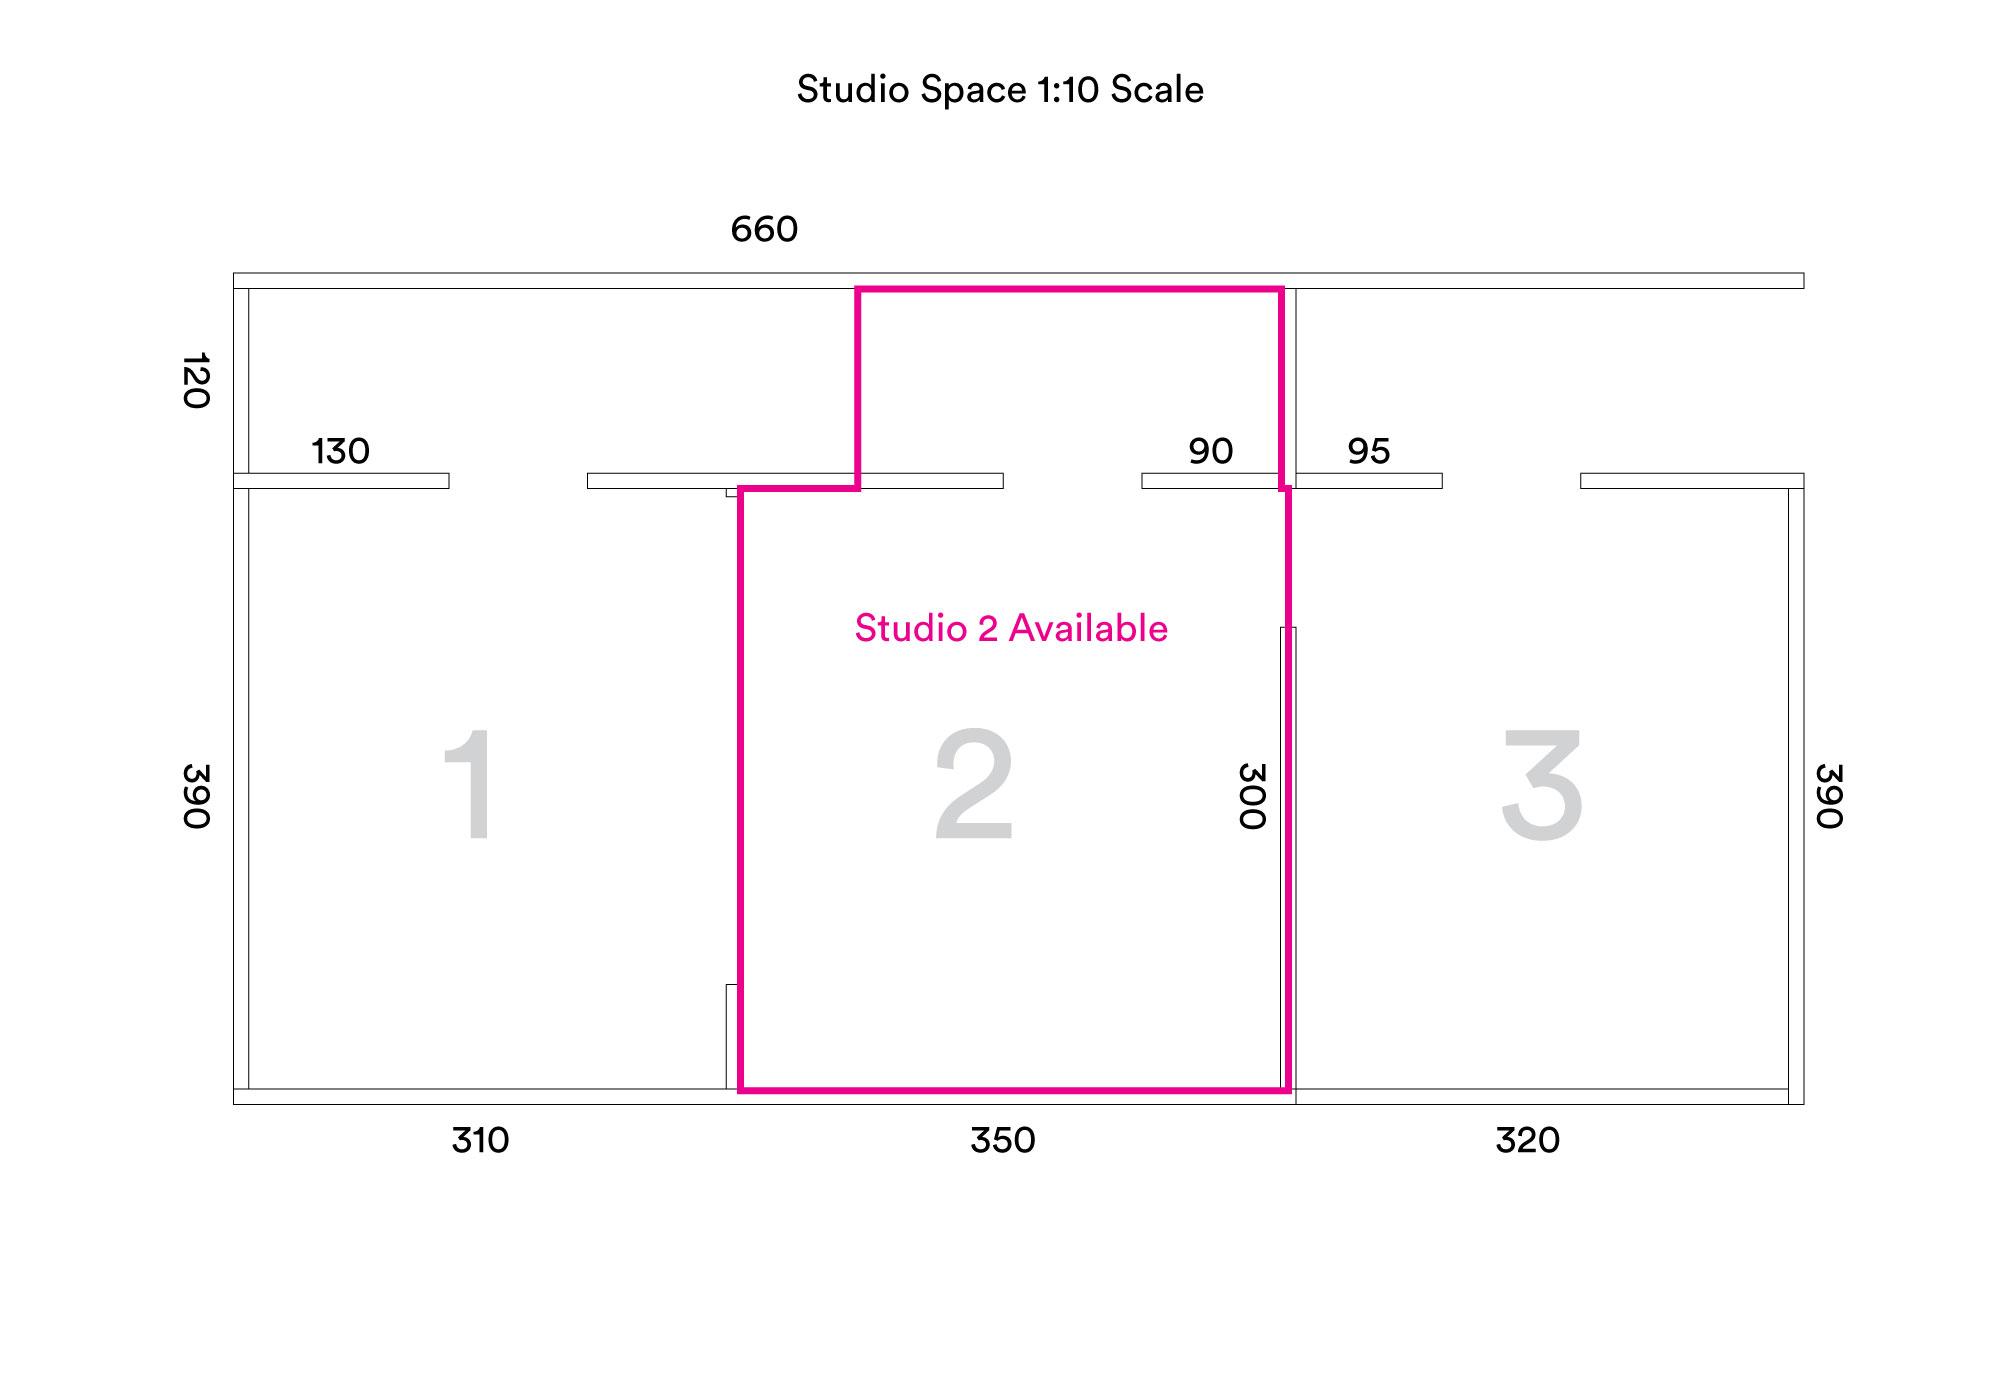 Diagram of Studio Space